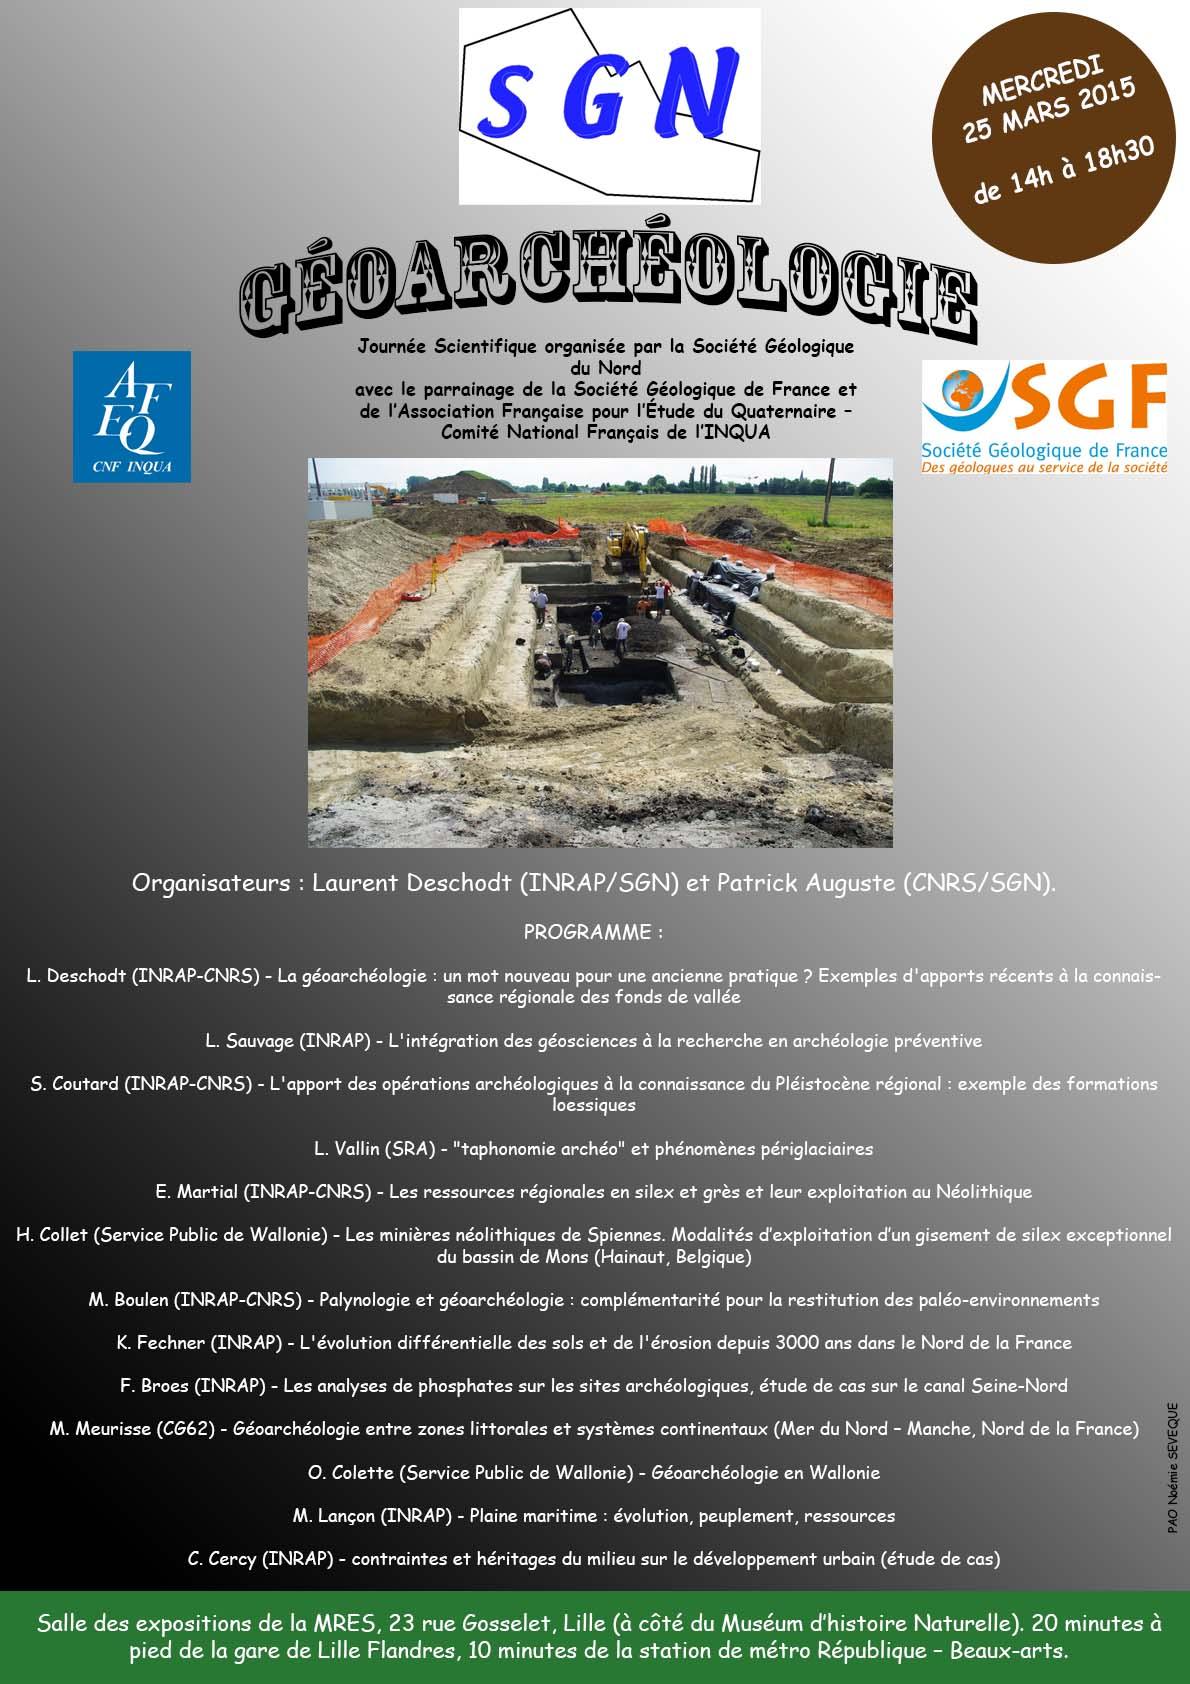 Géoarchéologie - Journée scientifique organisée par la SGN